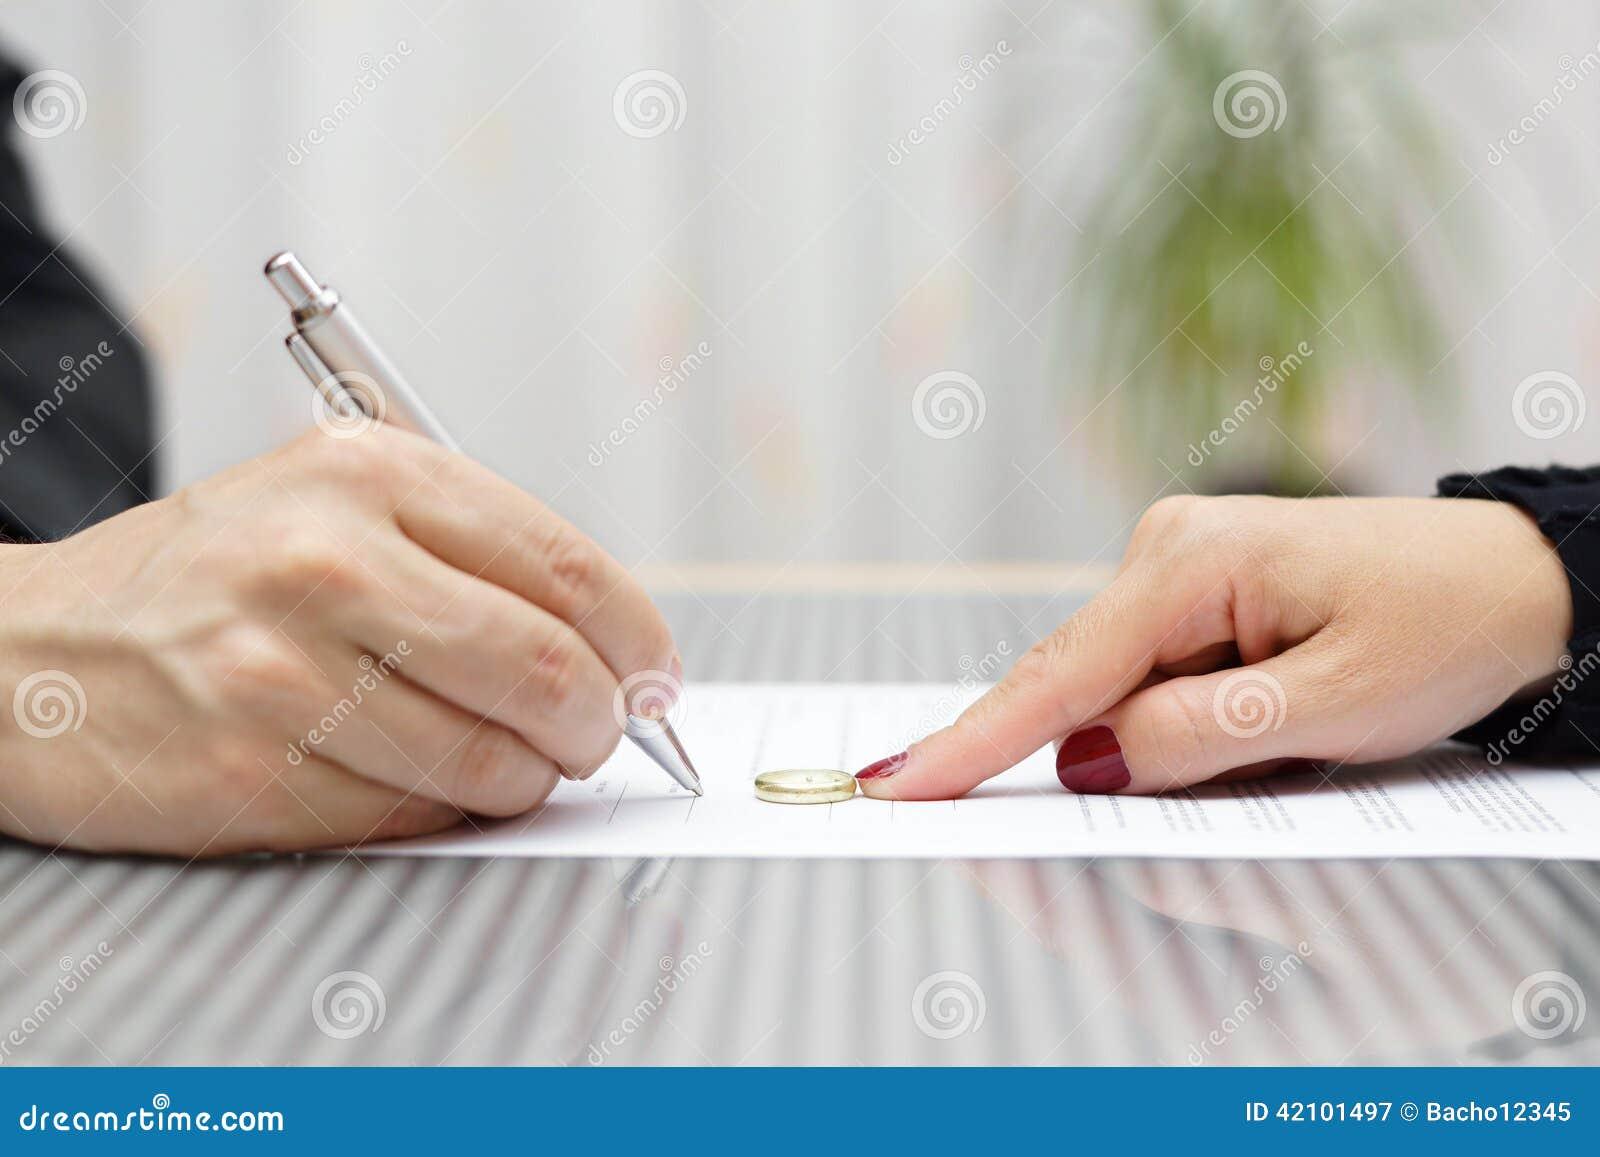 Scheidungsvereinbarung und -frau des Ehemanns drücken unterzeichnende Ring weg